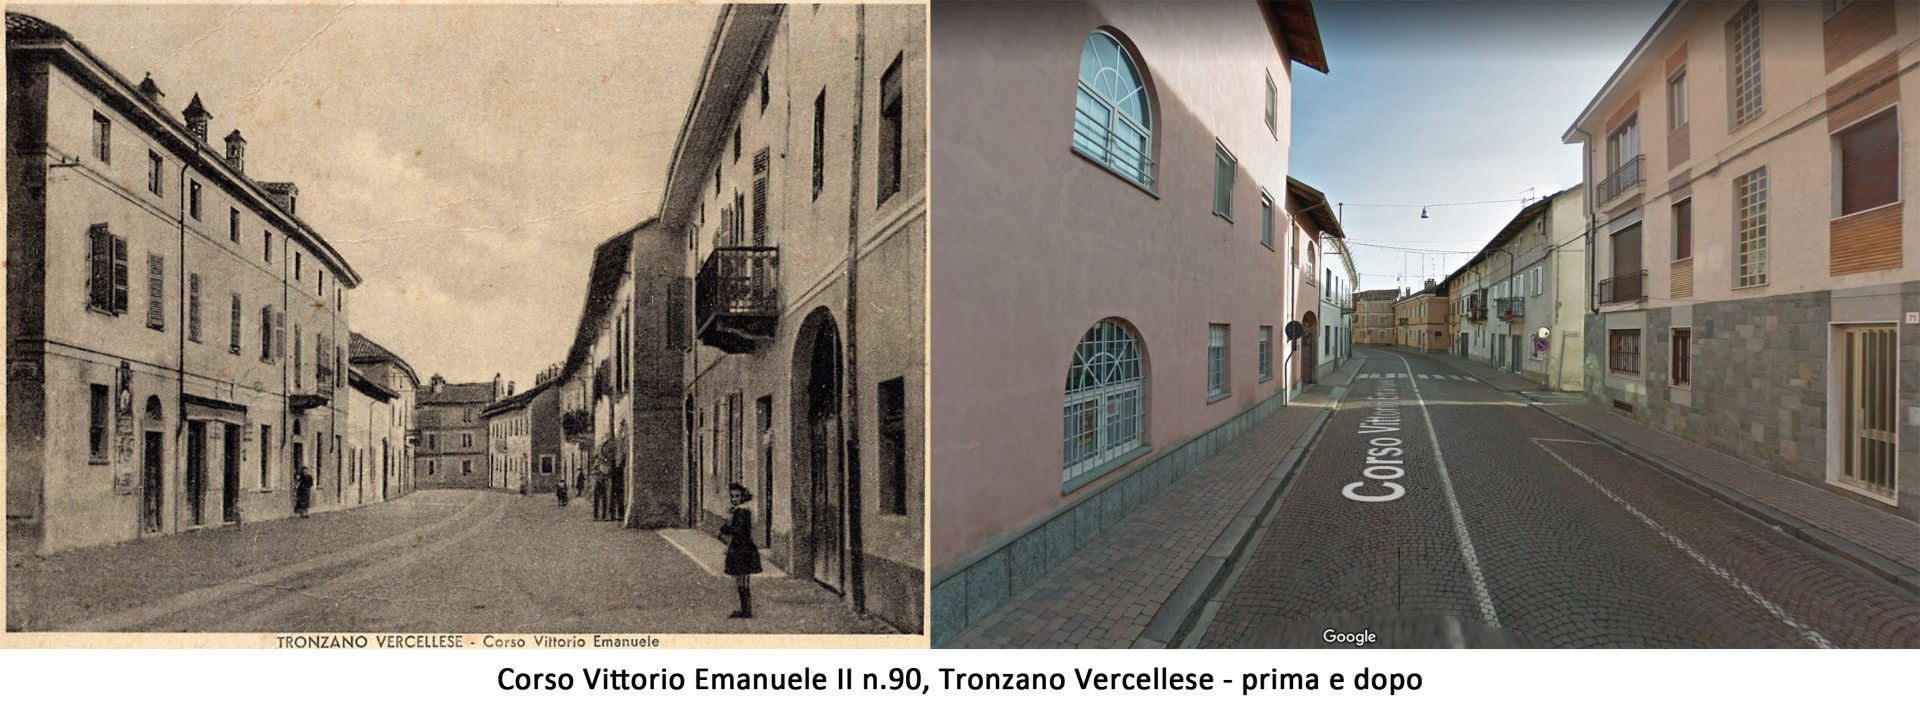 Corso Vittorio Emanuele II, Tronzano V.se - prima e dopo